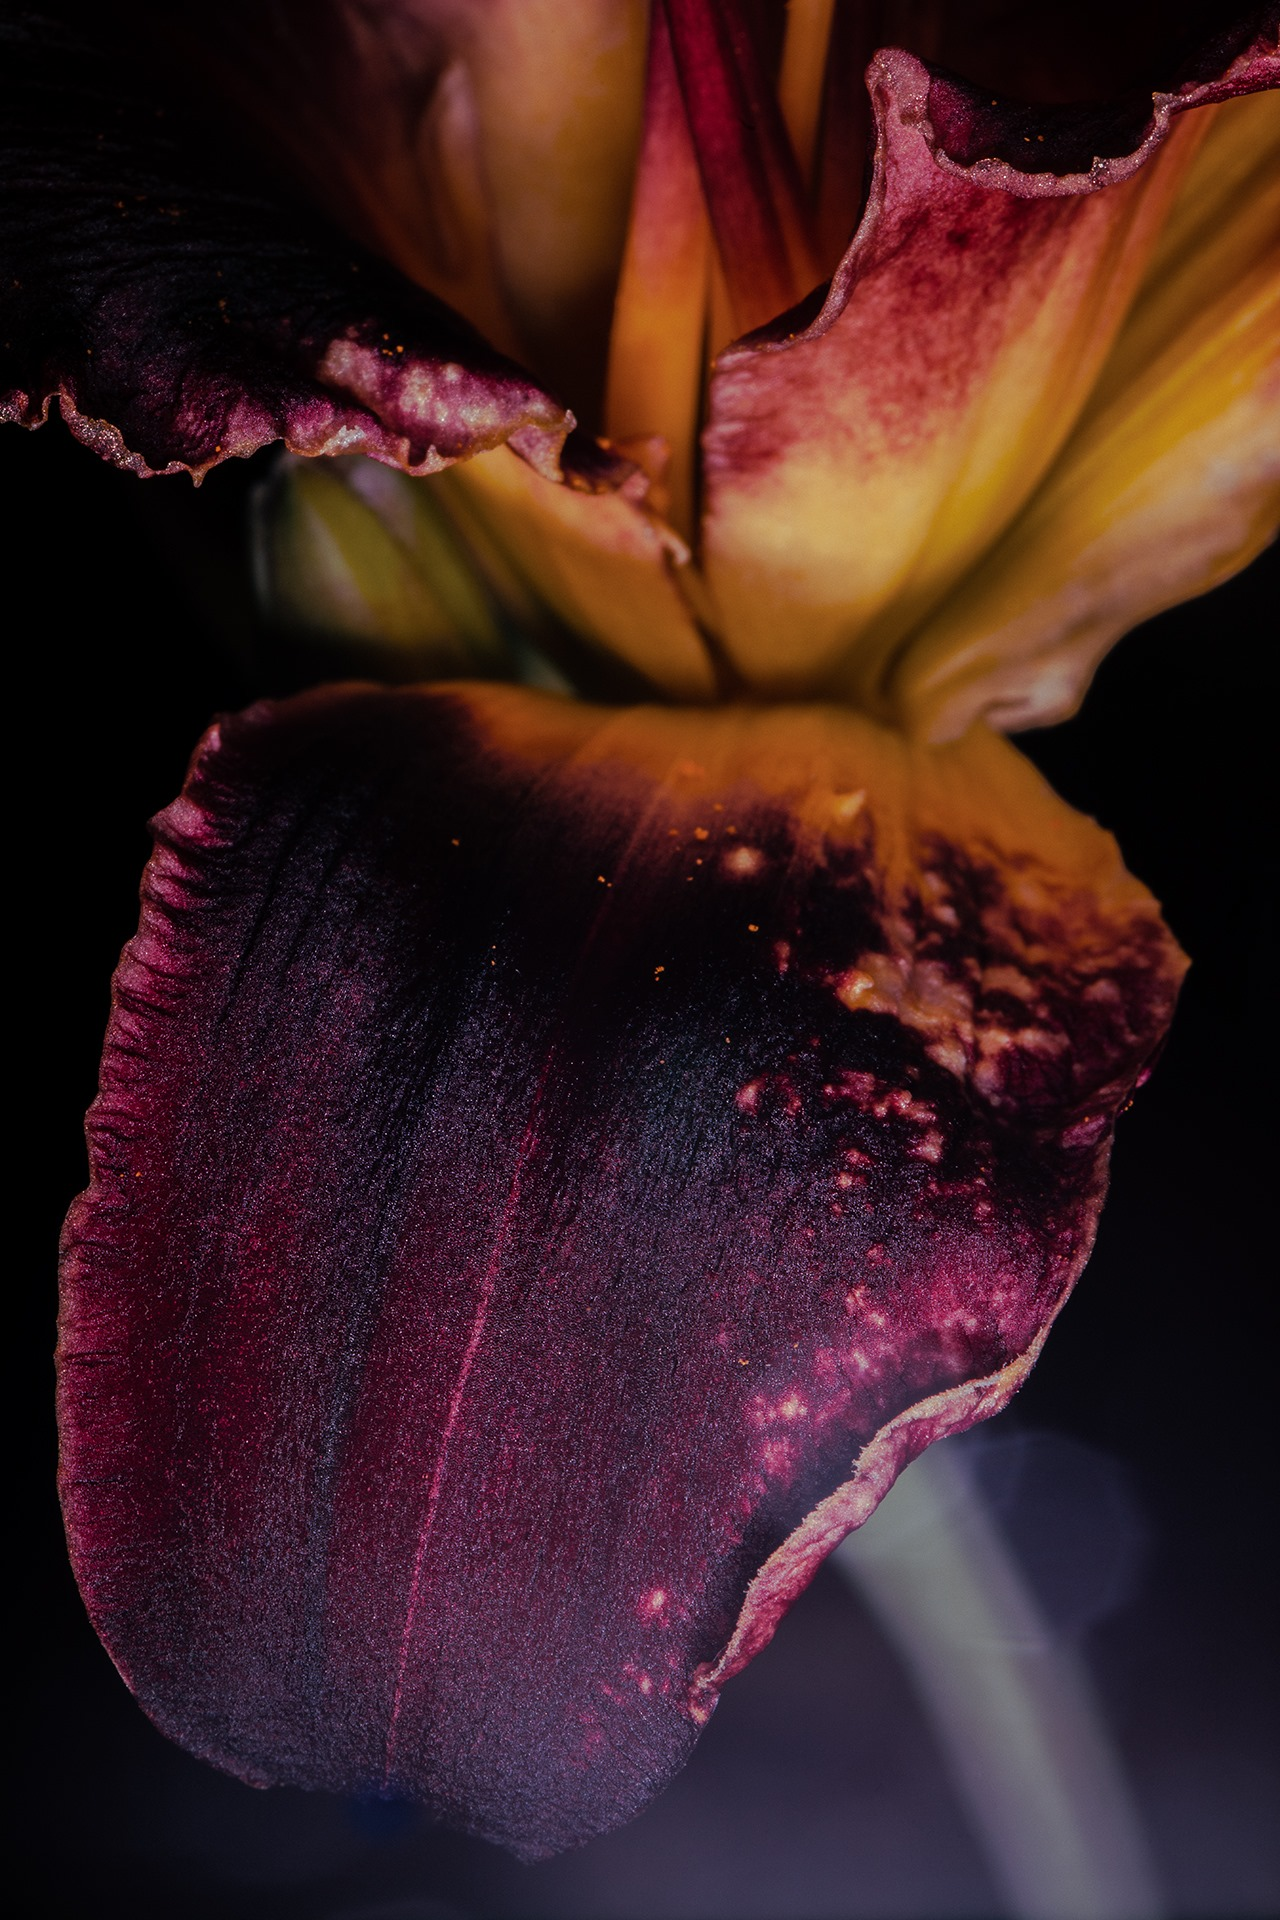 Hemerocallis - Marie Debitus, Atelier Focale 16, exposition photo à l'incontournable